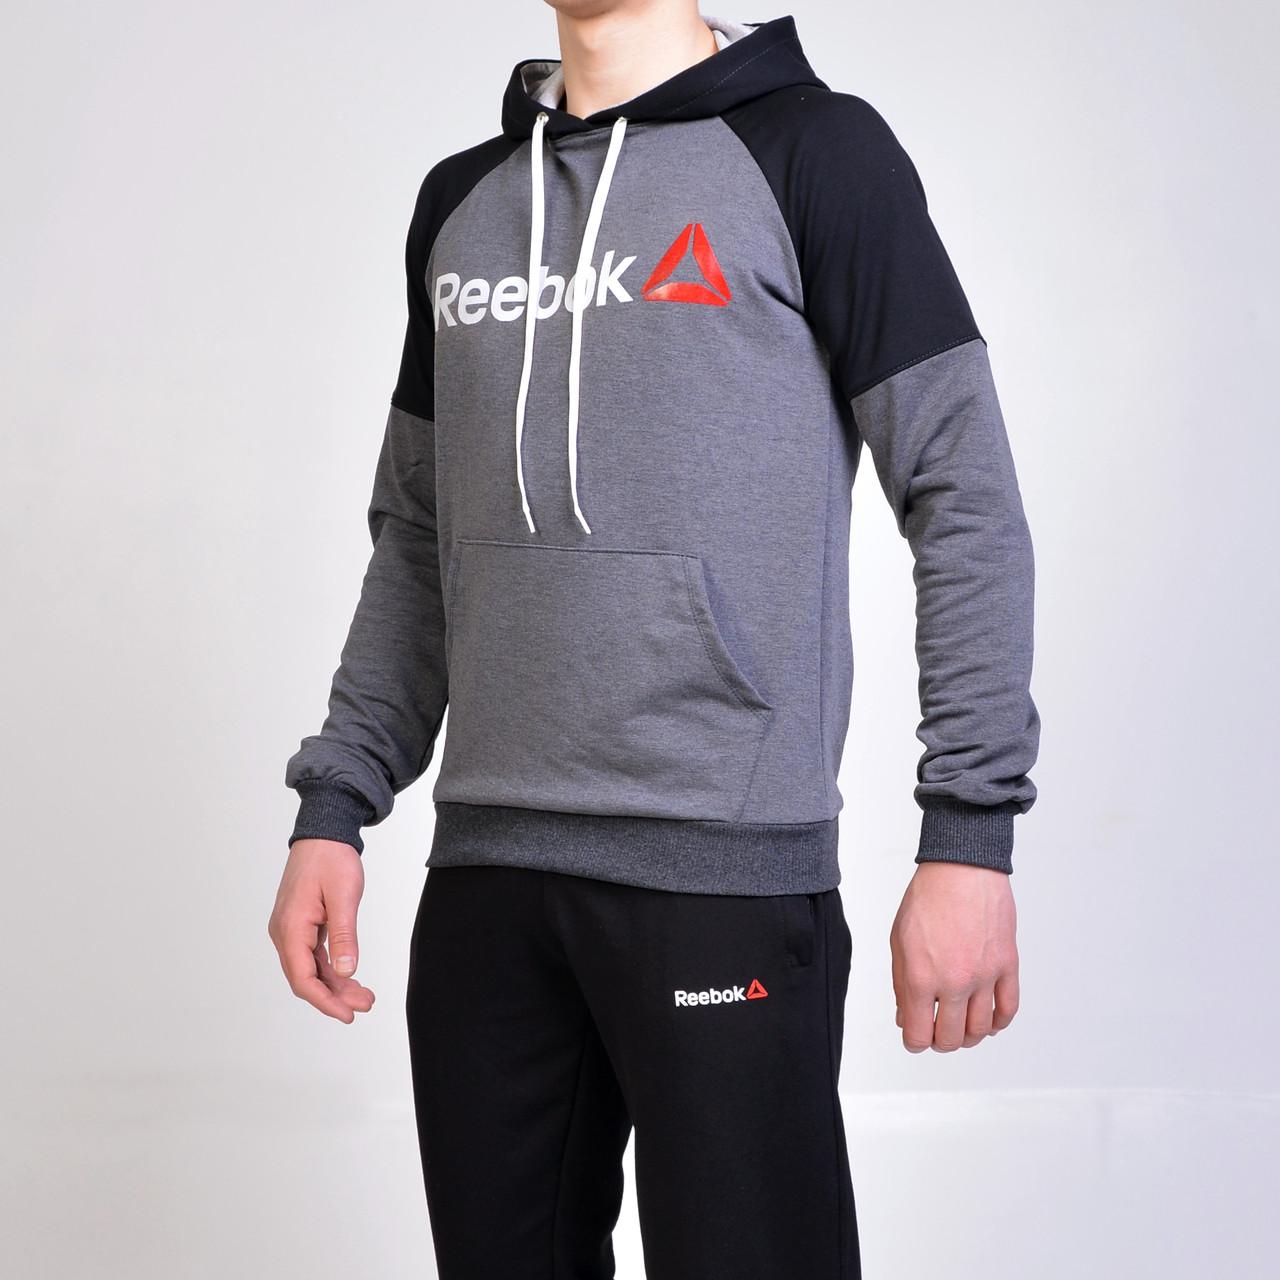 4f6936cc Мужской спортивный костюм Reebok (Рибок) / кофта с капюшоном и брюки на  манжете -